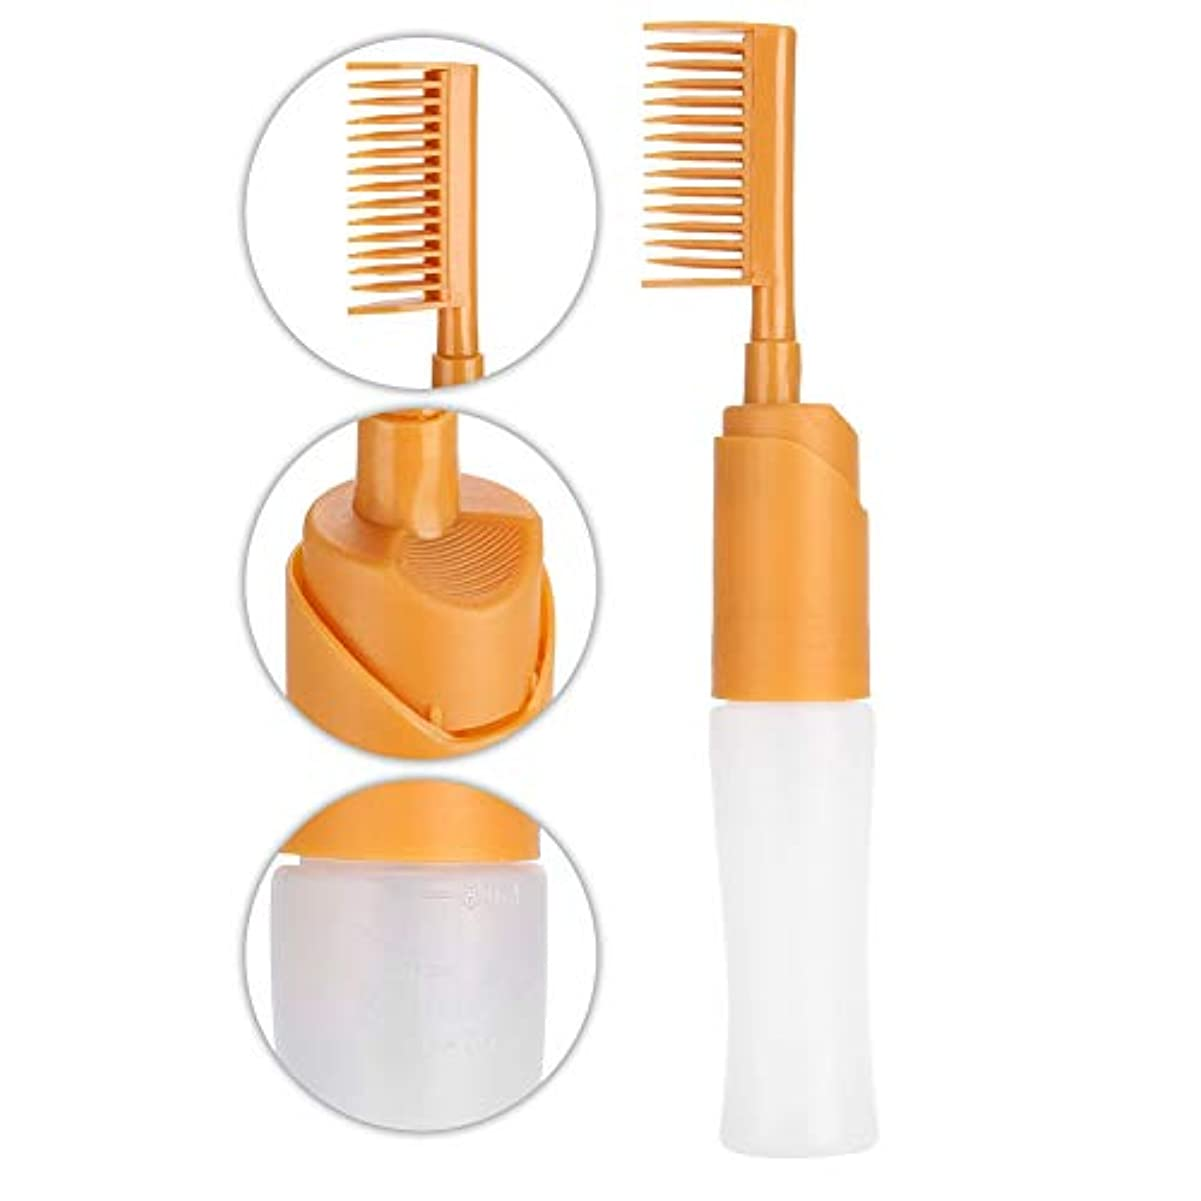 実装する険しい免除80ミリリットルヘアダイボトル付き目盛り付きスケールヘッド理髪着色染料プロフェッショナル理髪ツール